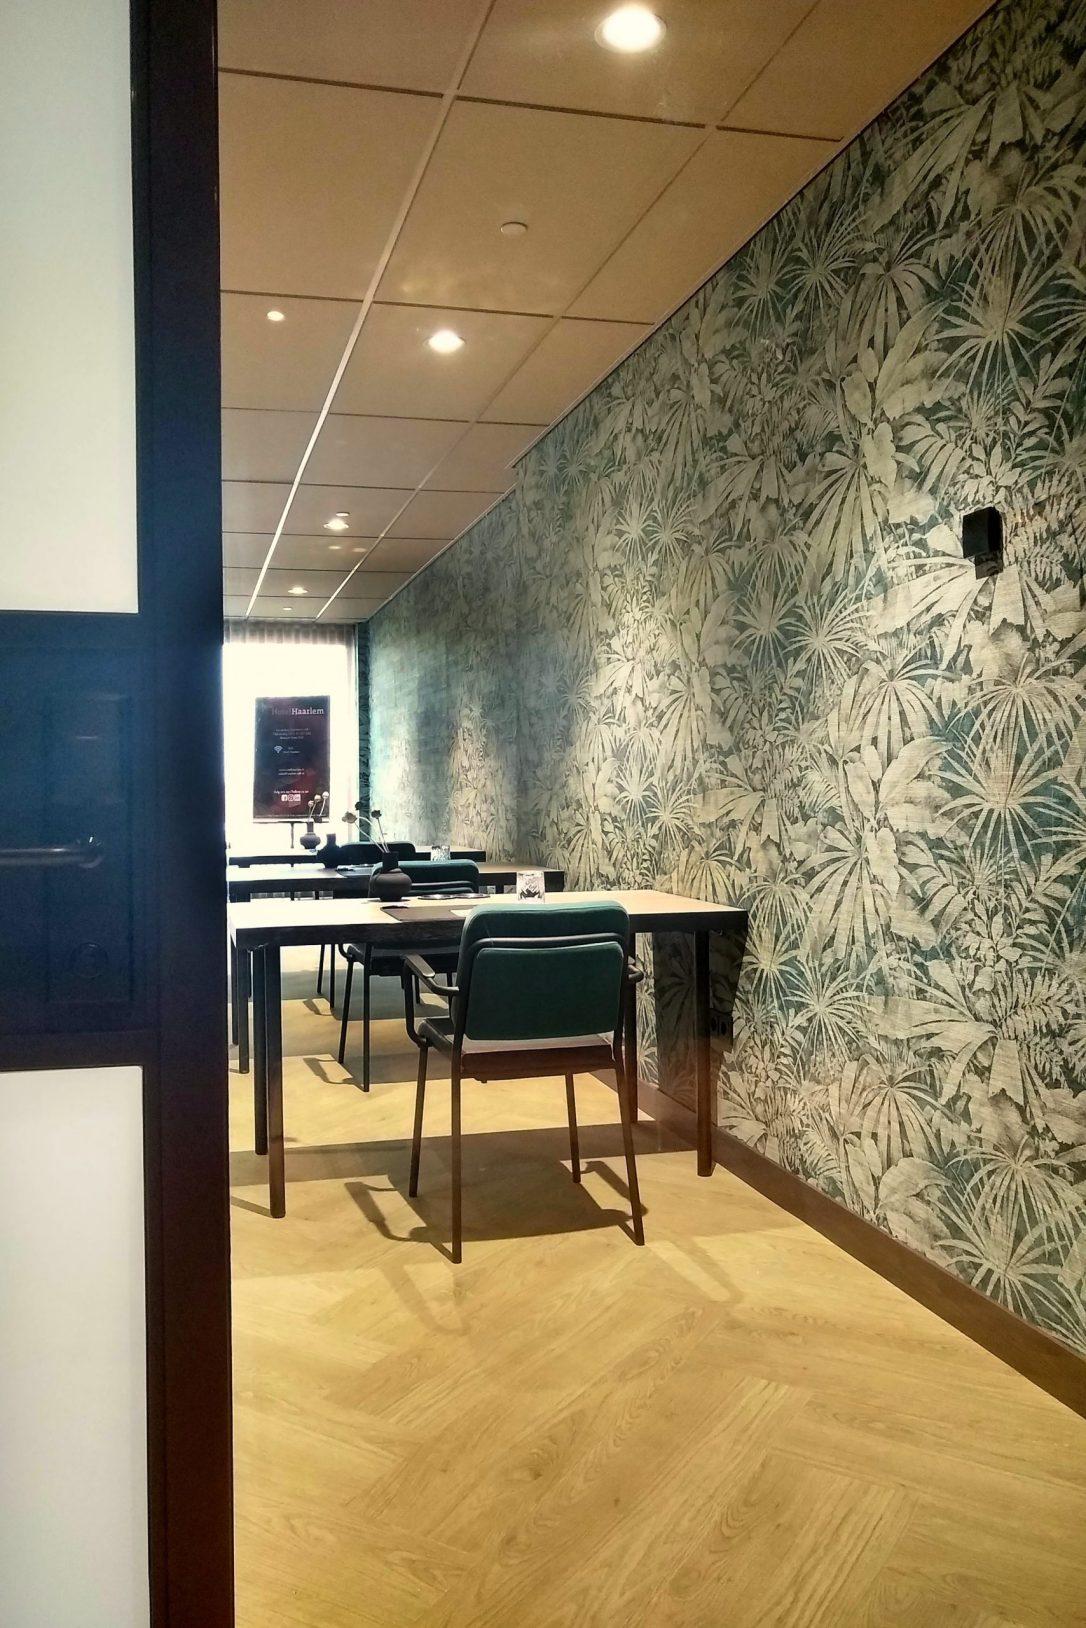 interieur design hotel zaal Haarlem met bladeren behang